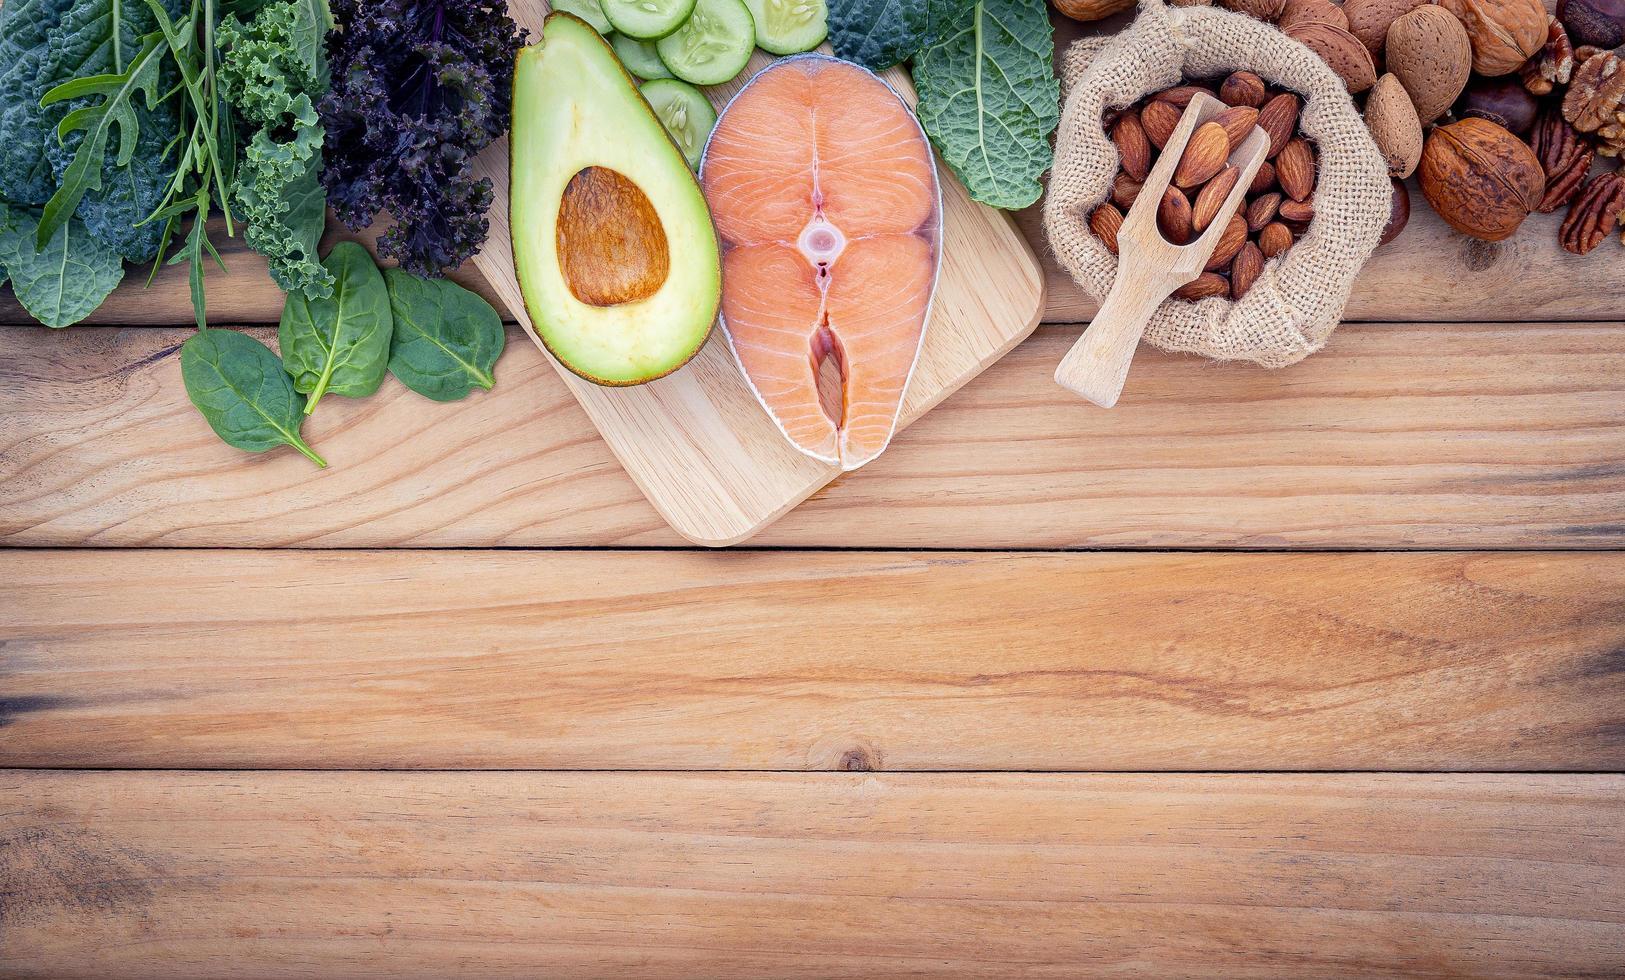 comida saudável em madeira com espaço de cópia foto